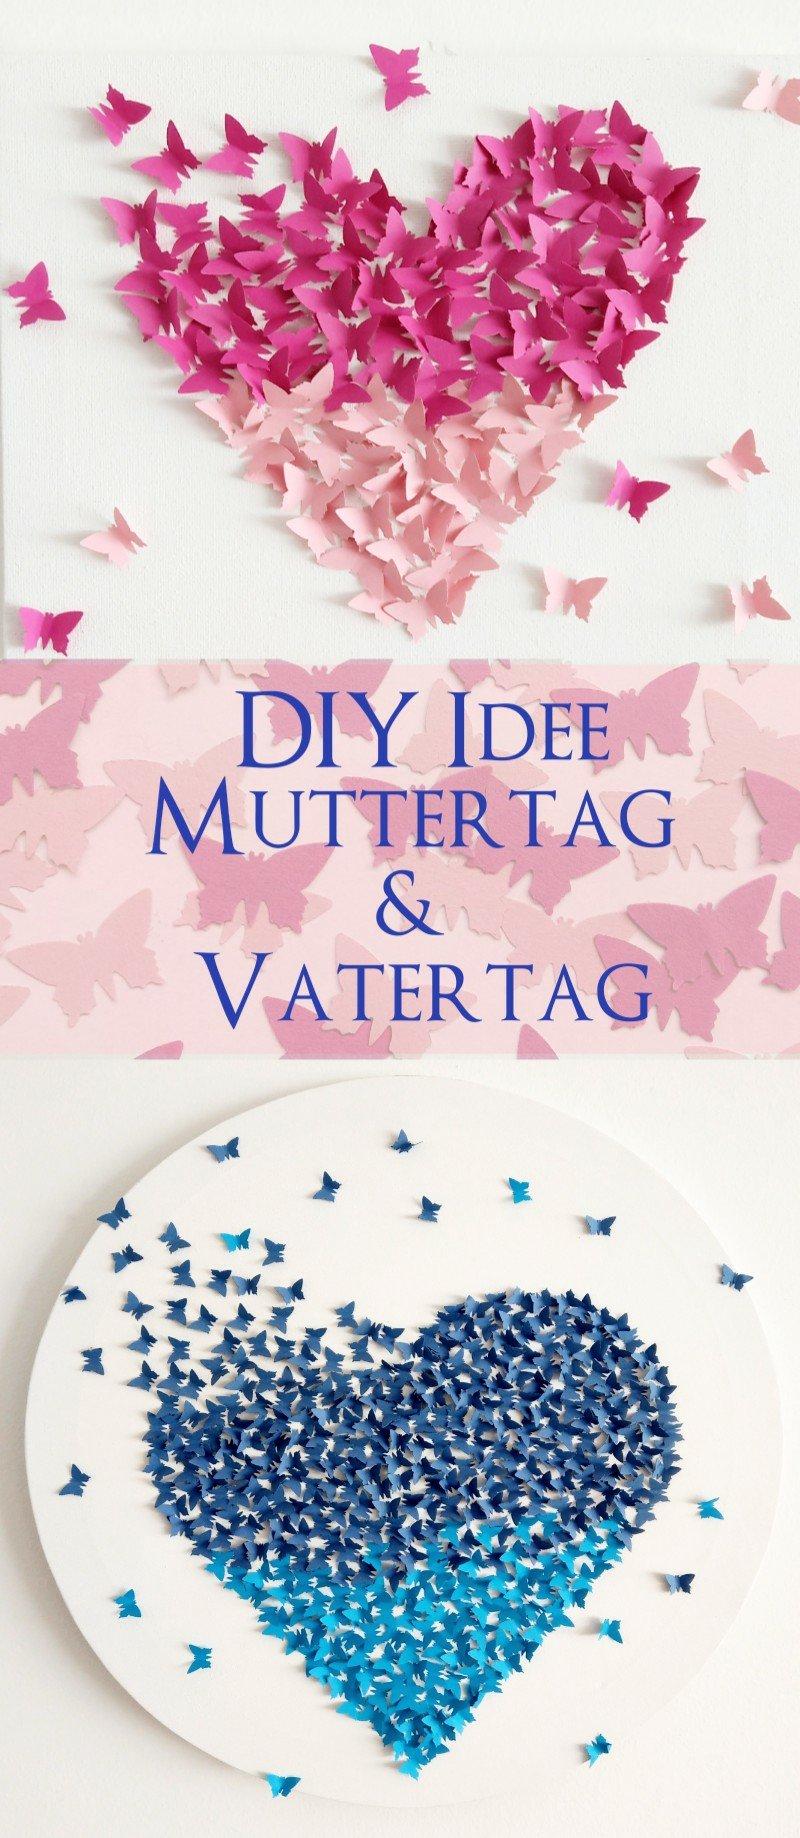 Bilder Zum Muttertag Und Vatertag Basteln 3 Diy Ideen Mit